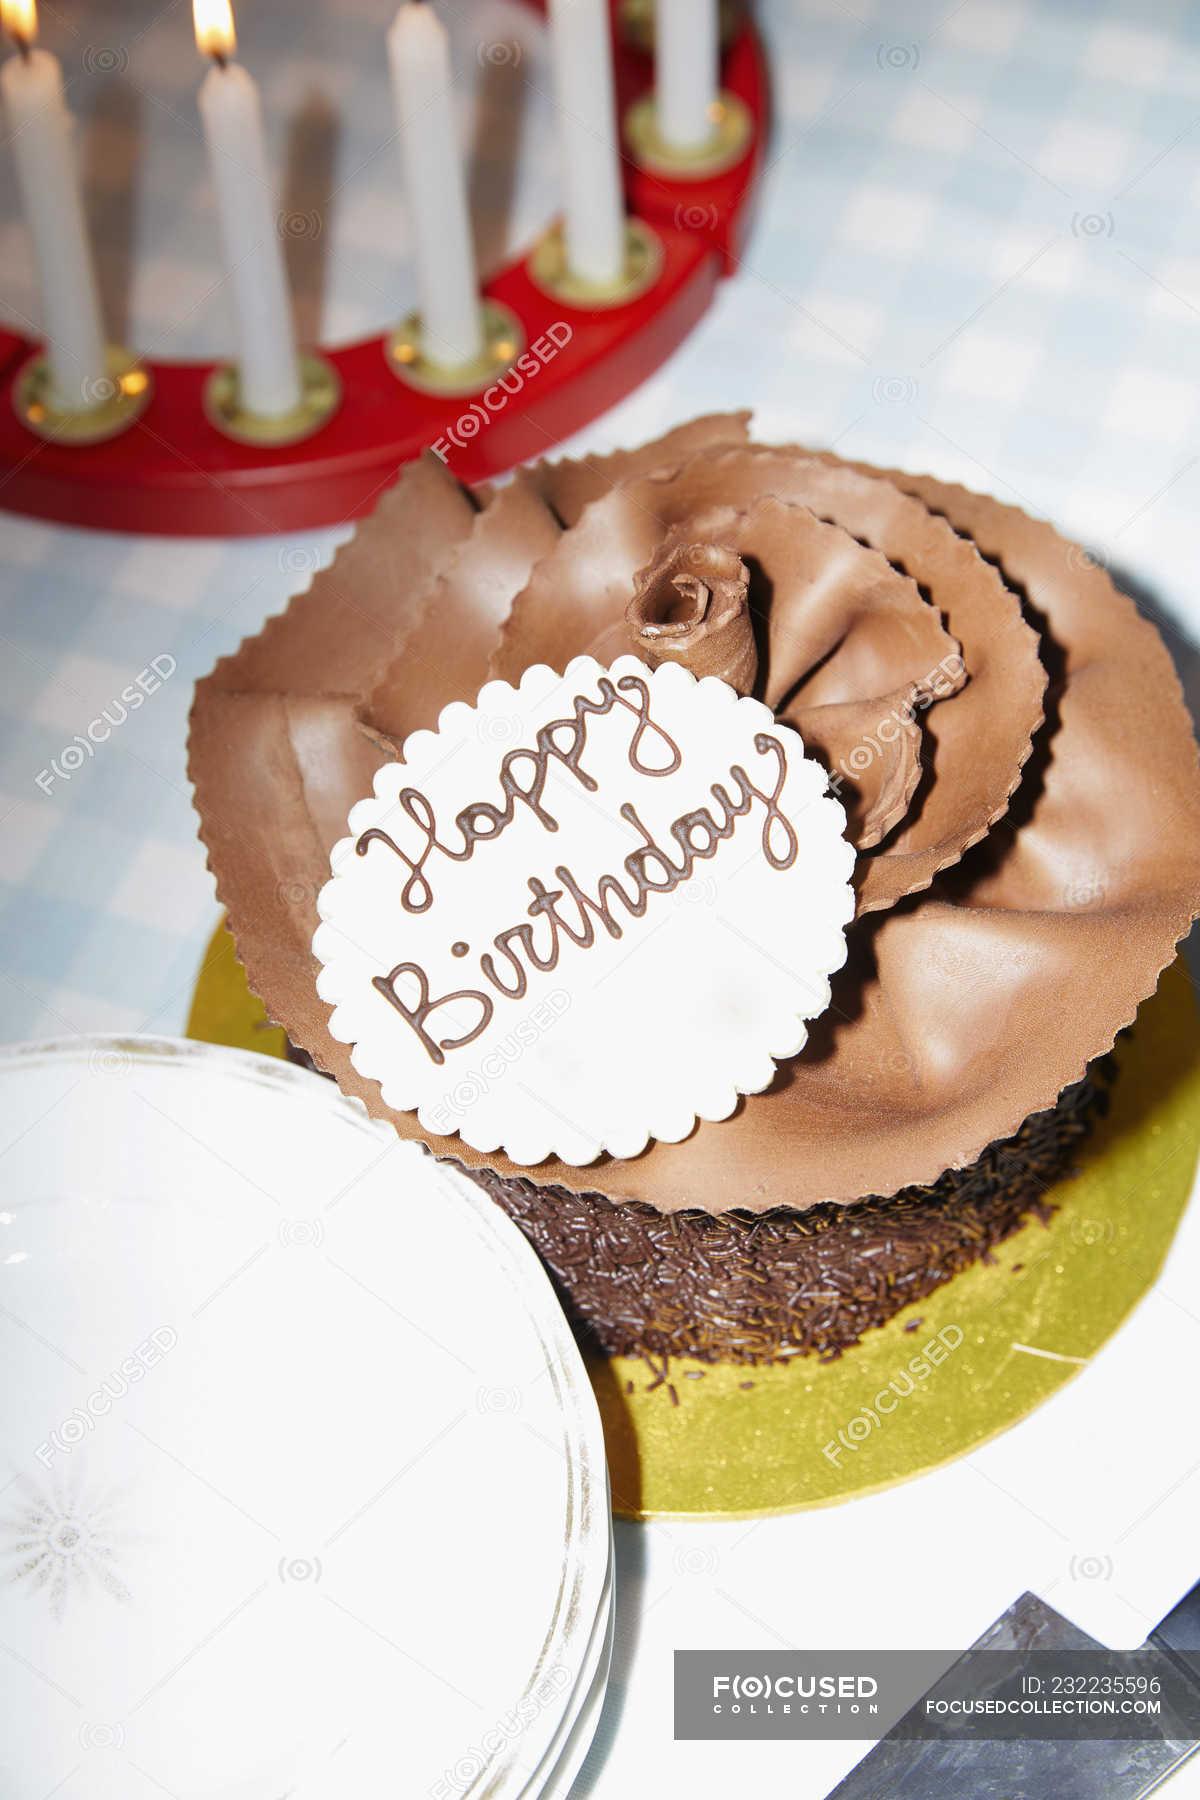 Chocolate Birthday Cake On Table Stock Photos